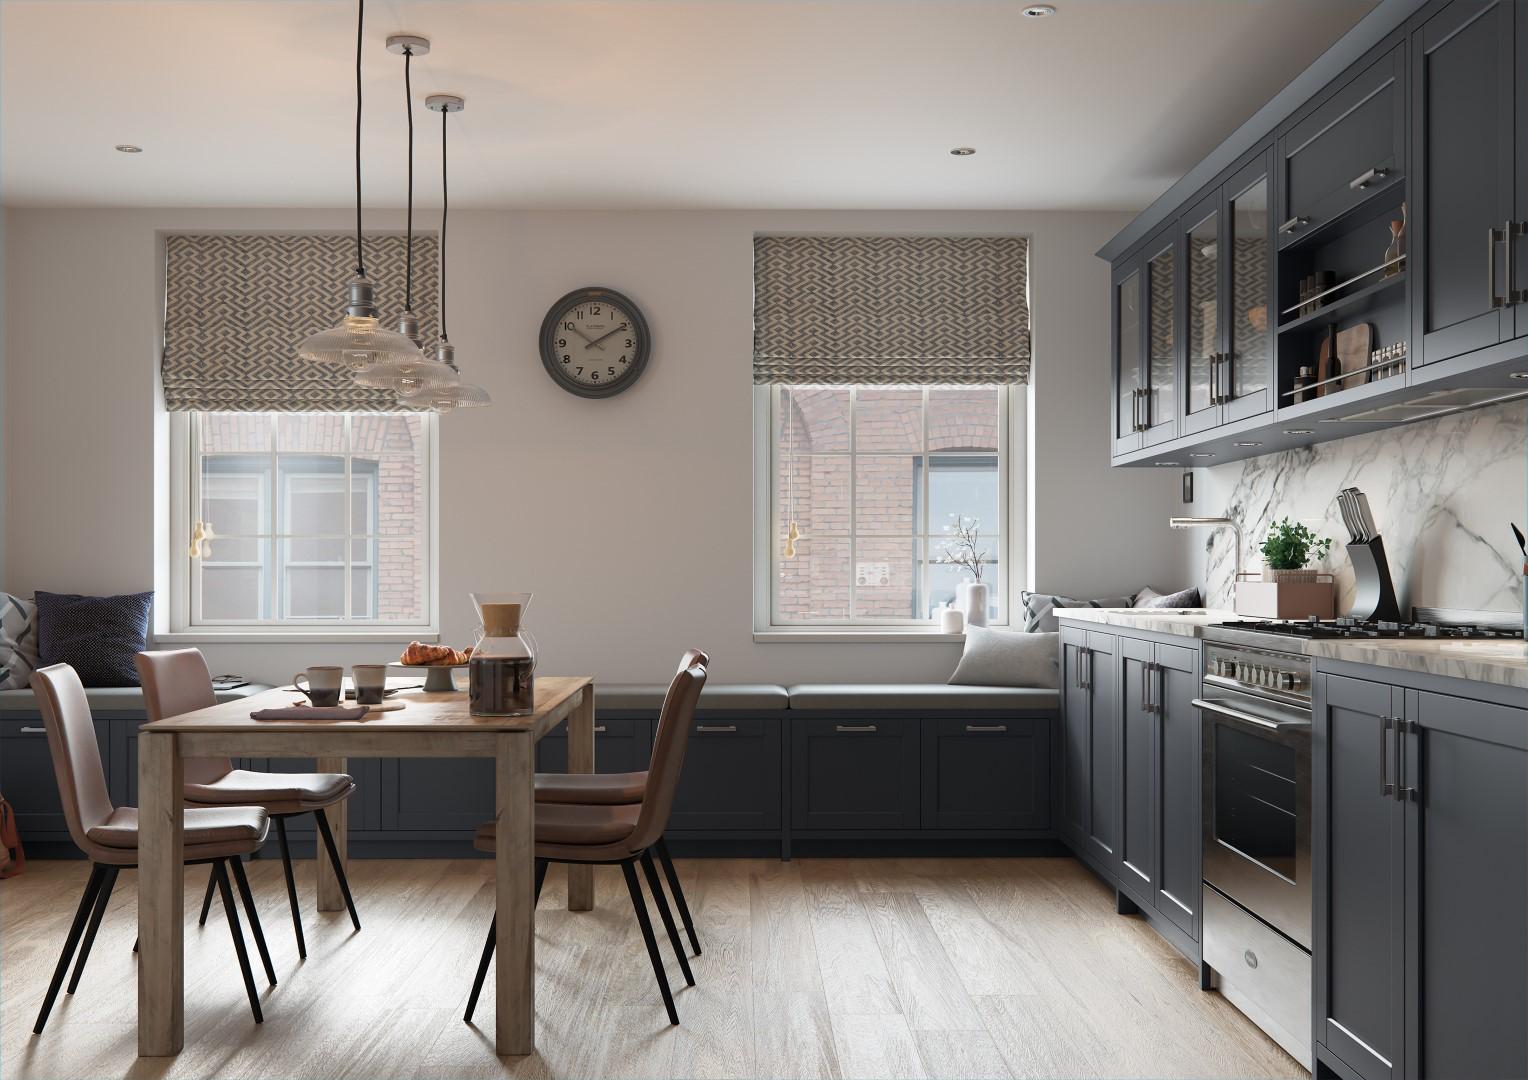 Dawson Indigo - Kitchen Design - Alan Kelly Kitchens - Waterford - 2